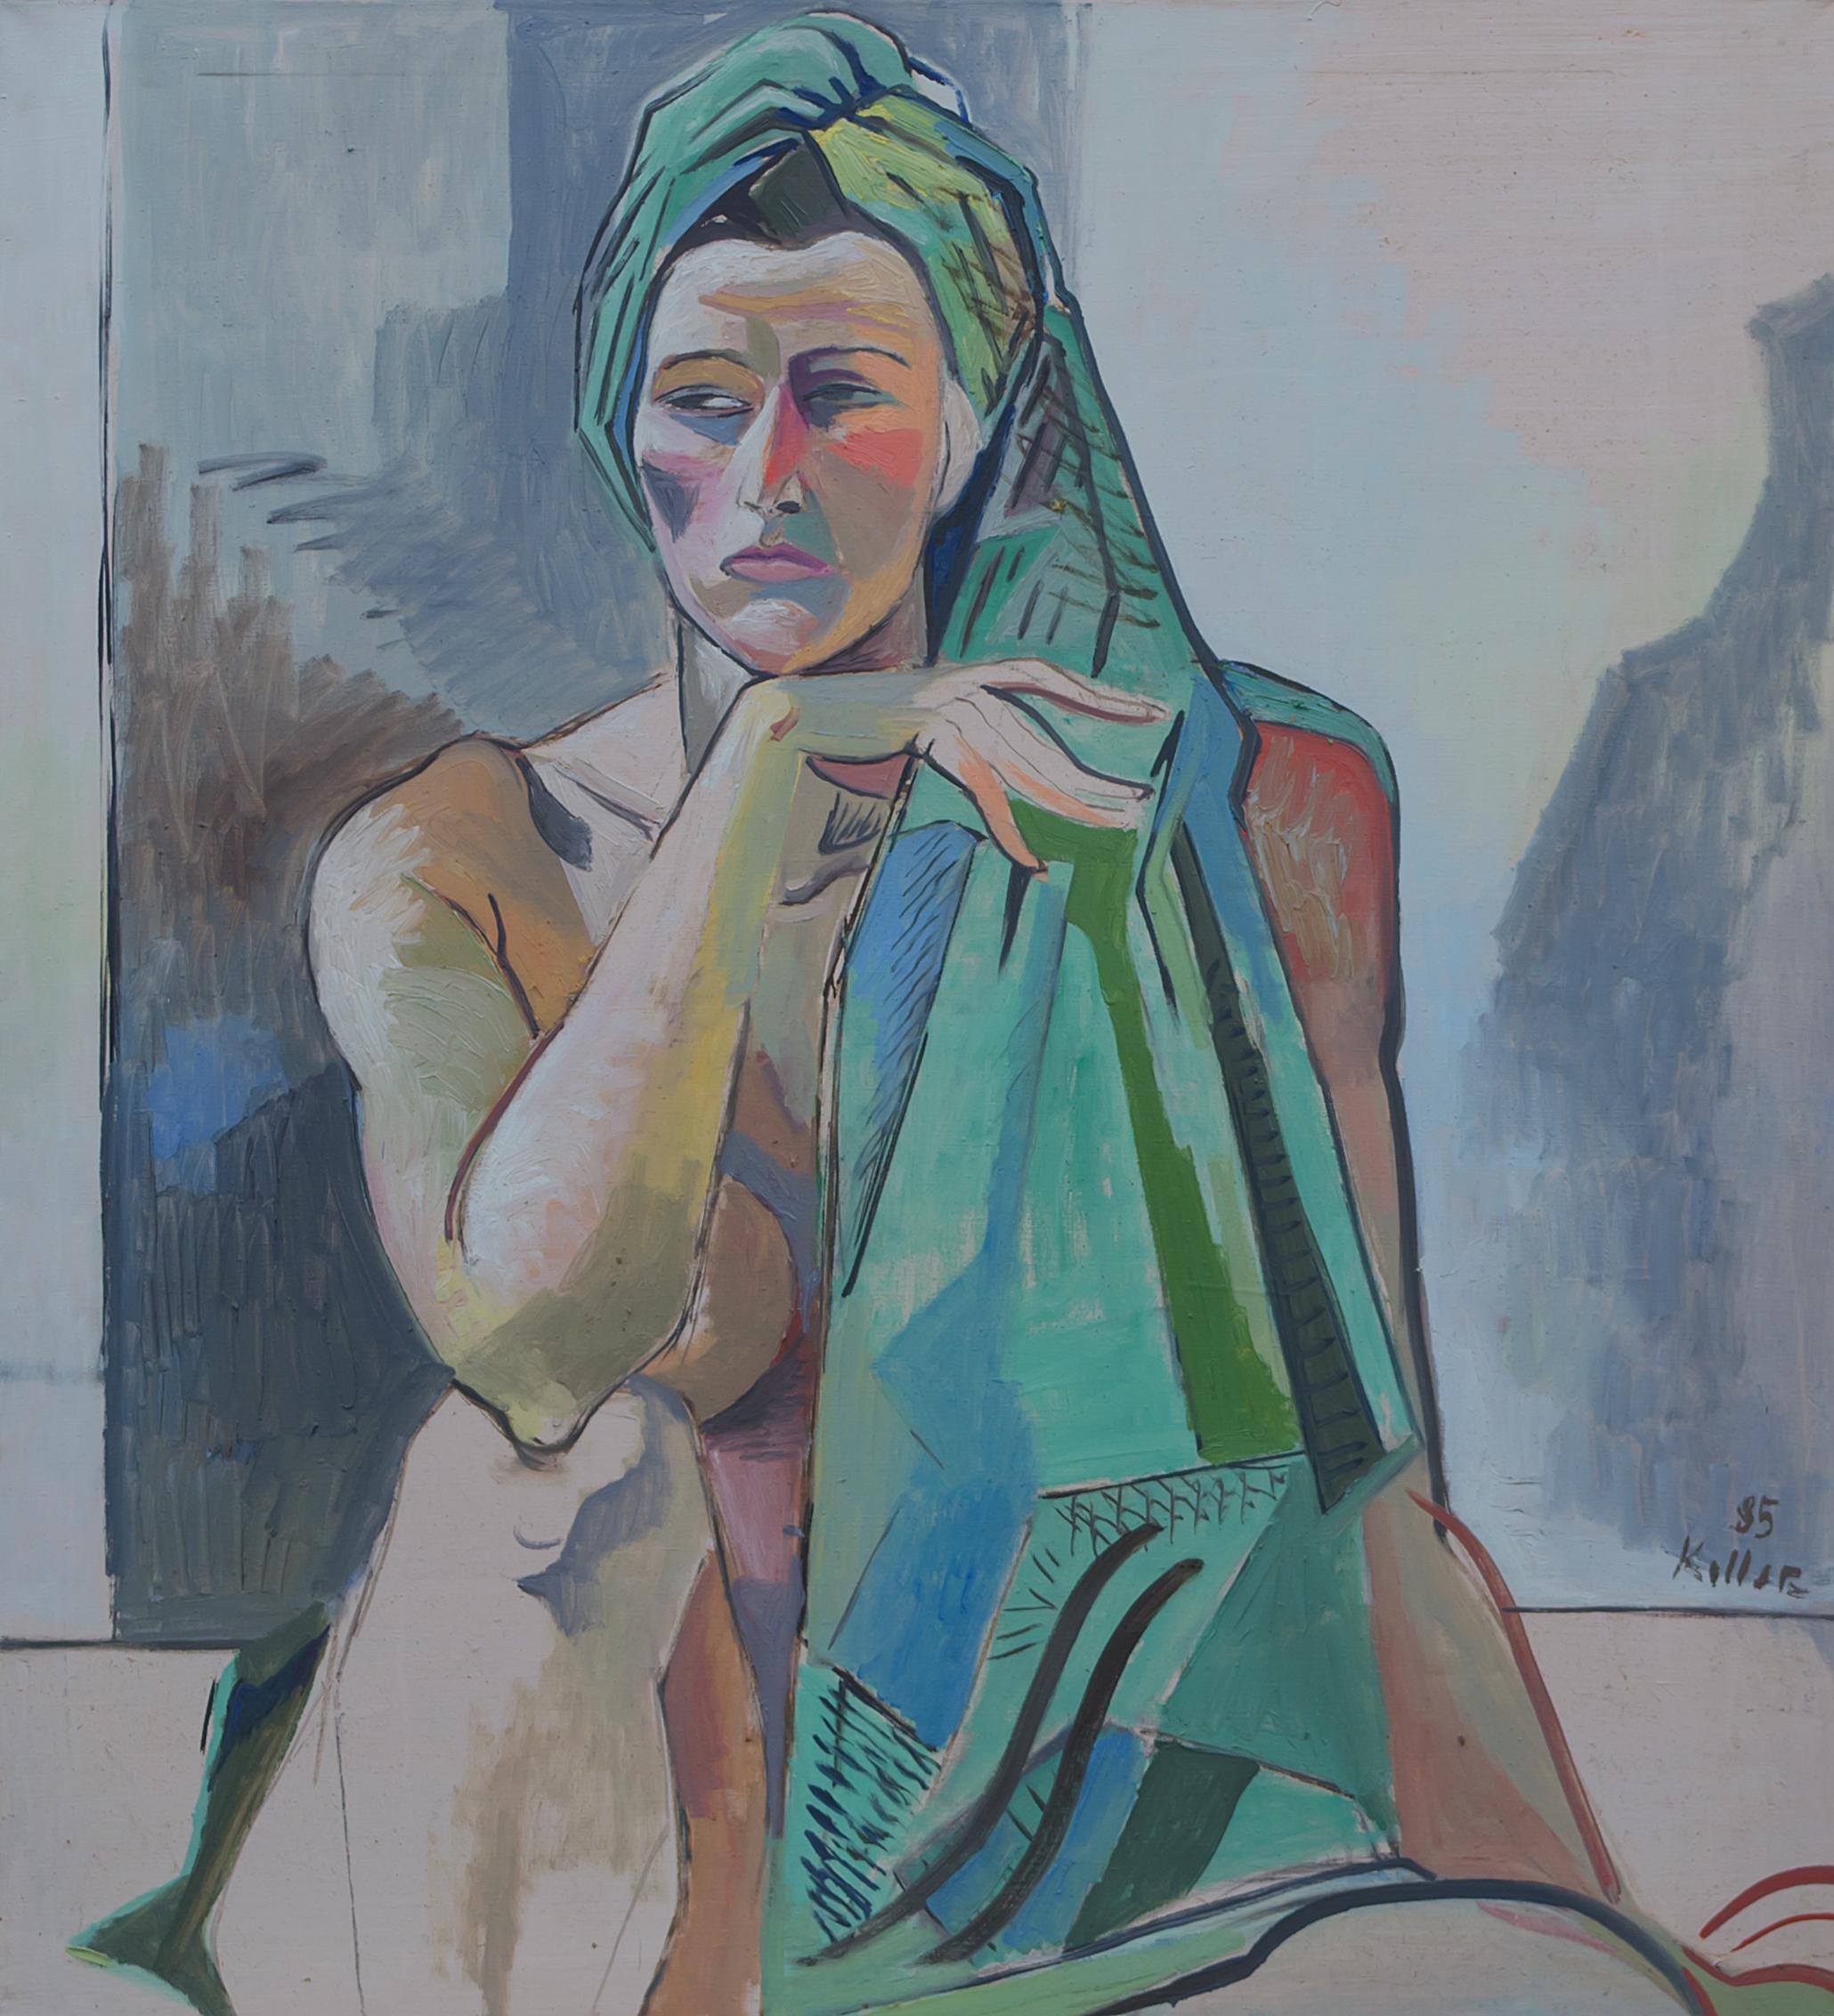 Das grüne Tuch